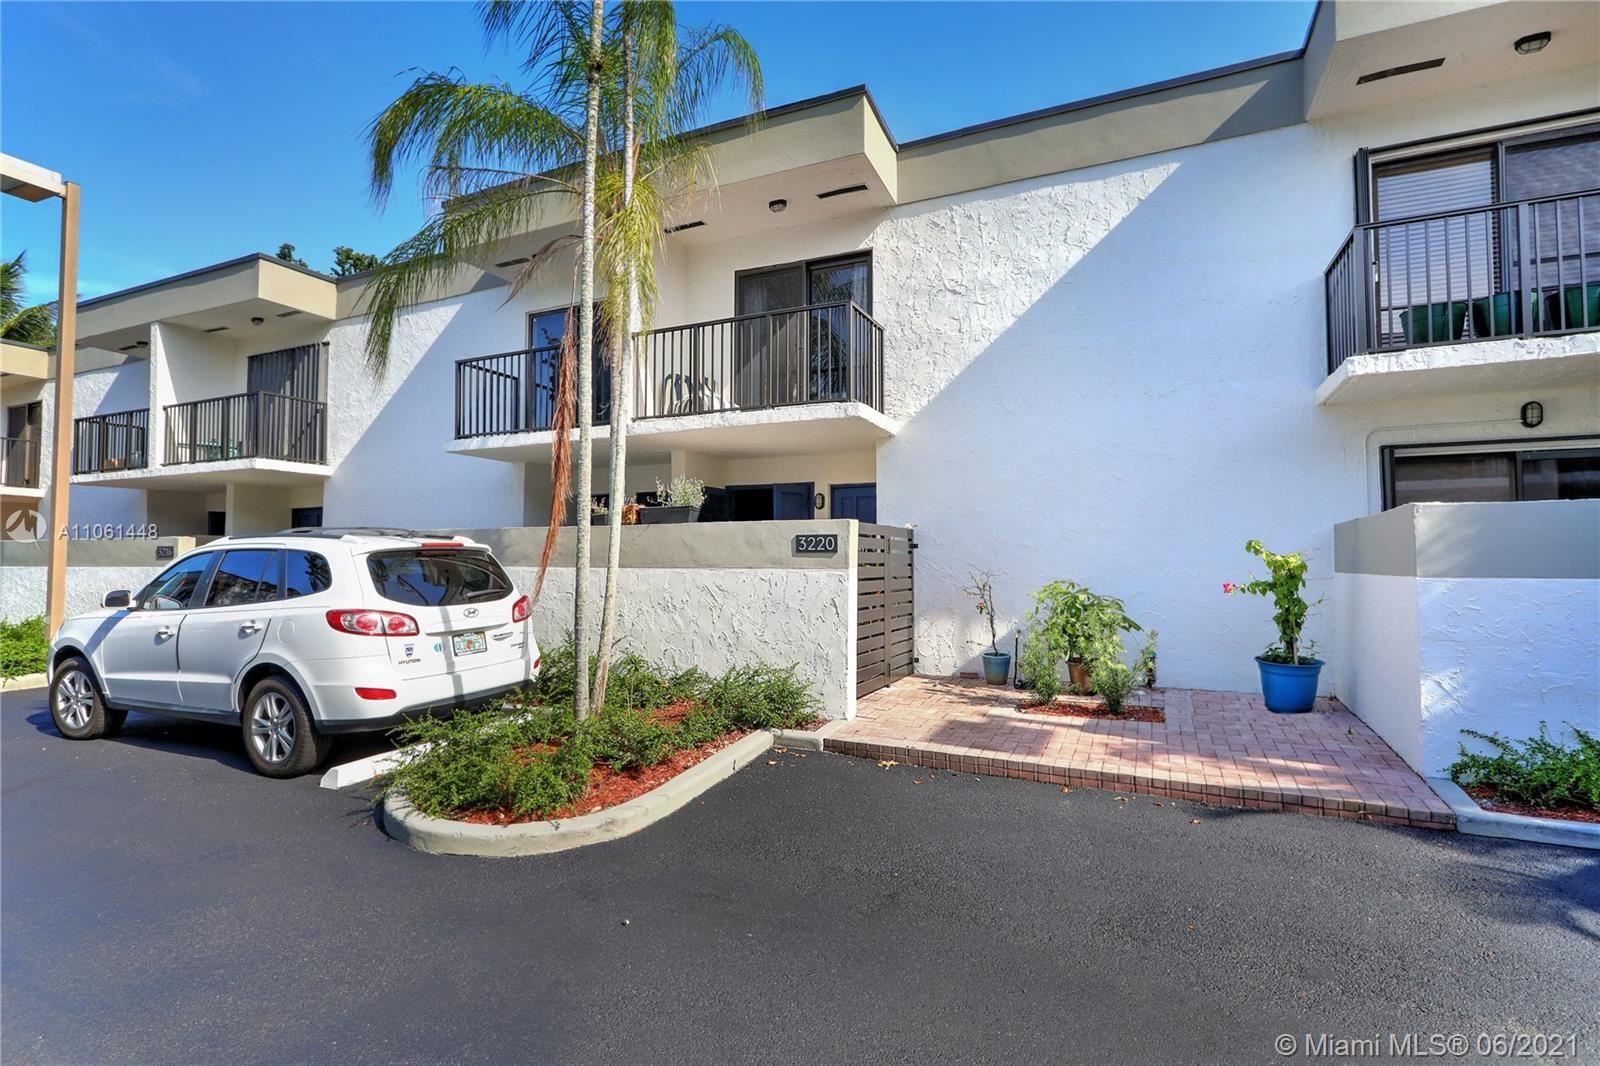 3220 W Trade Ave #III2, Miami, FL 33133 - #: A11061448